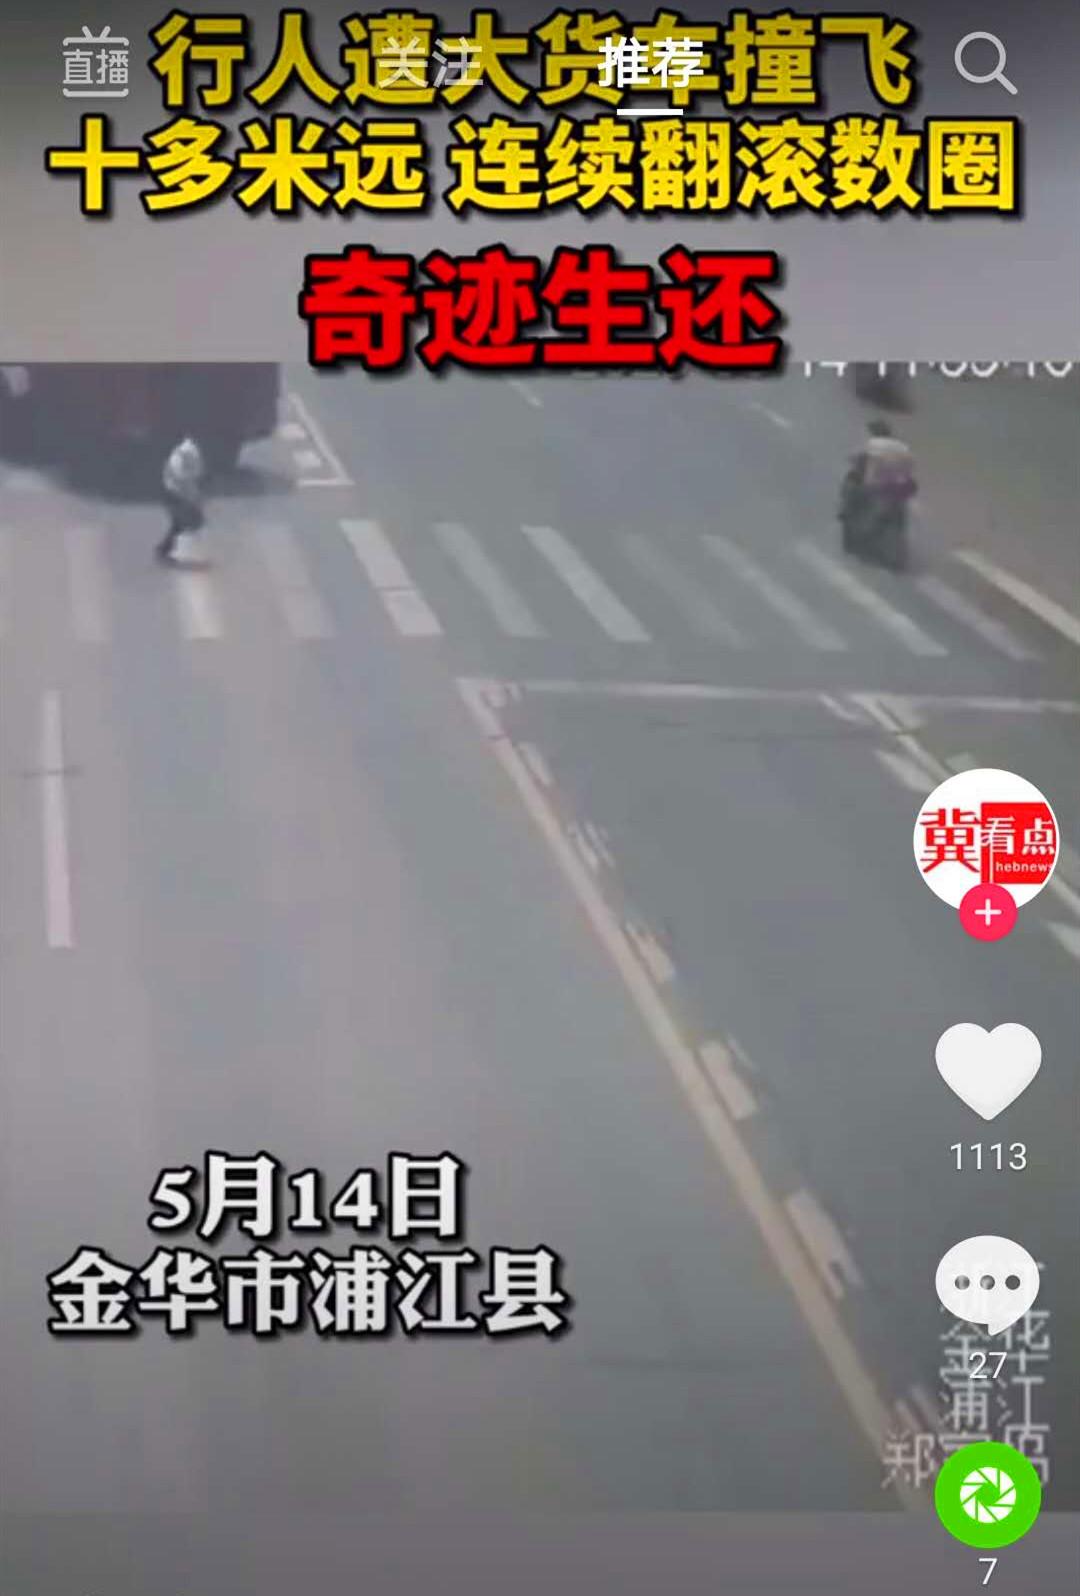 金华浦江县重型货车撞上人行道上正常过马路的行人